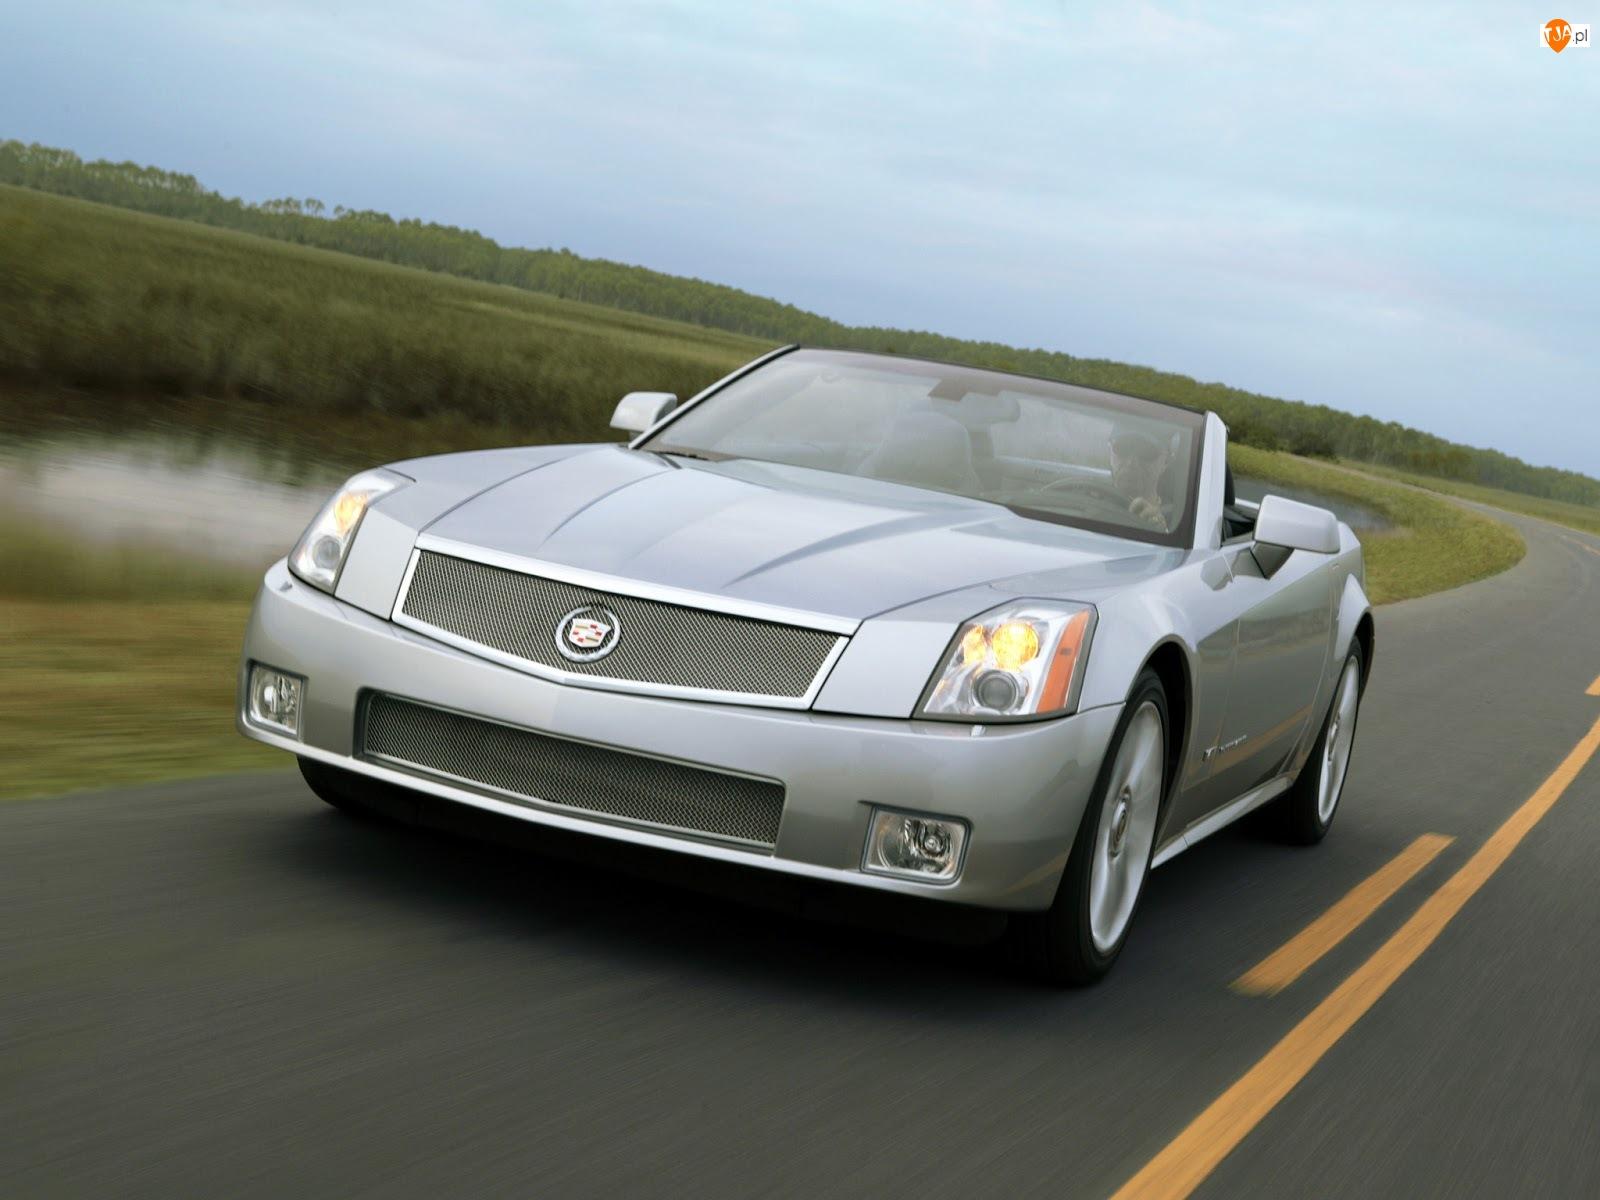 Droga, Cadillac XLR, Ulica